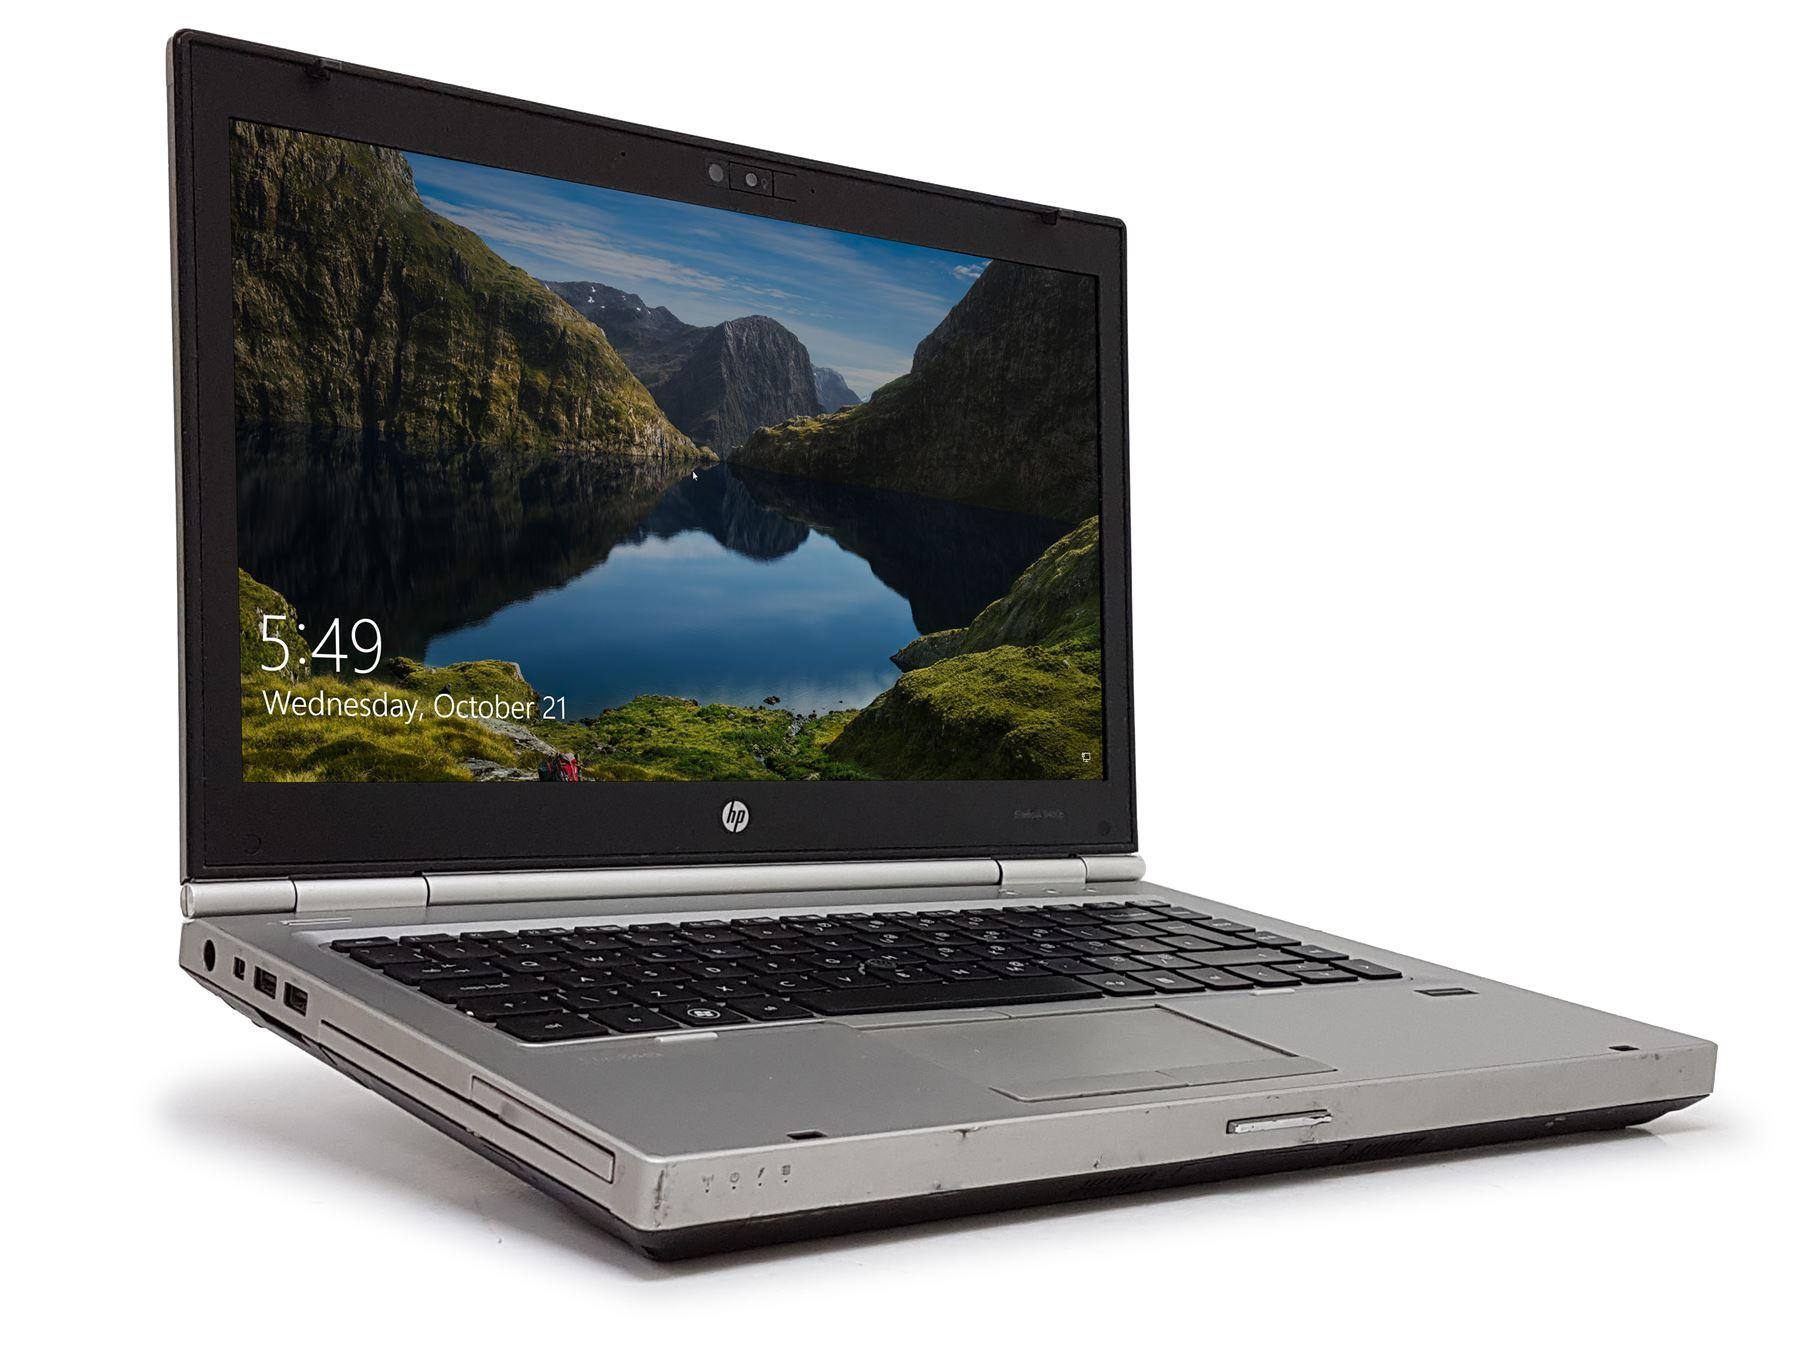 Elitebook 8460p spec / Ipad air wifi 32gb price